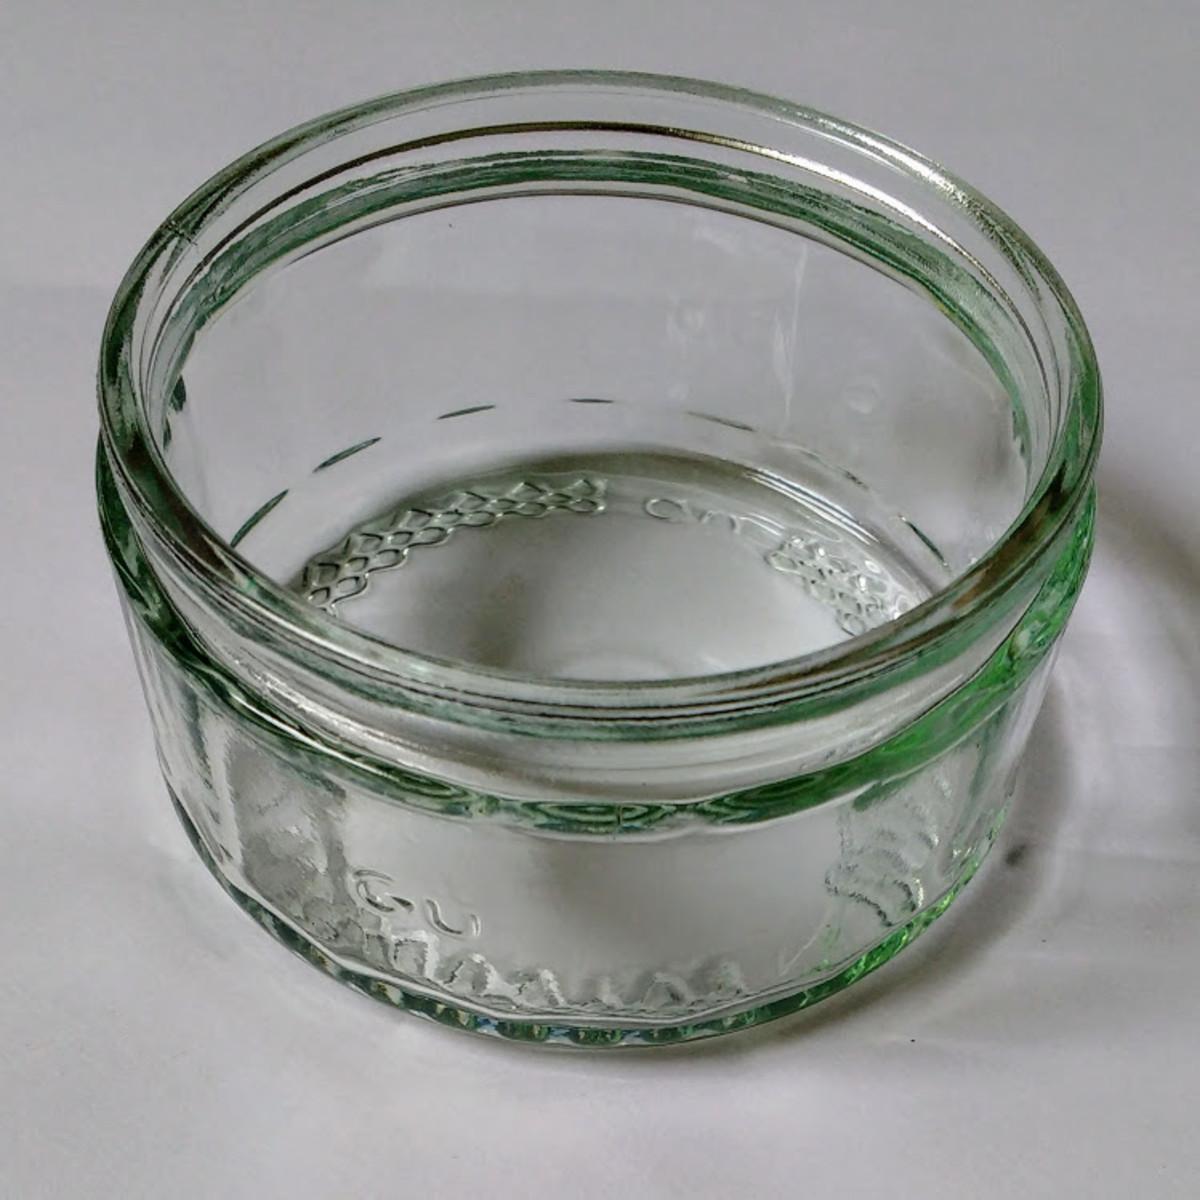 An empty GU pot